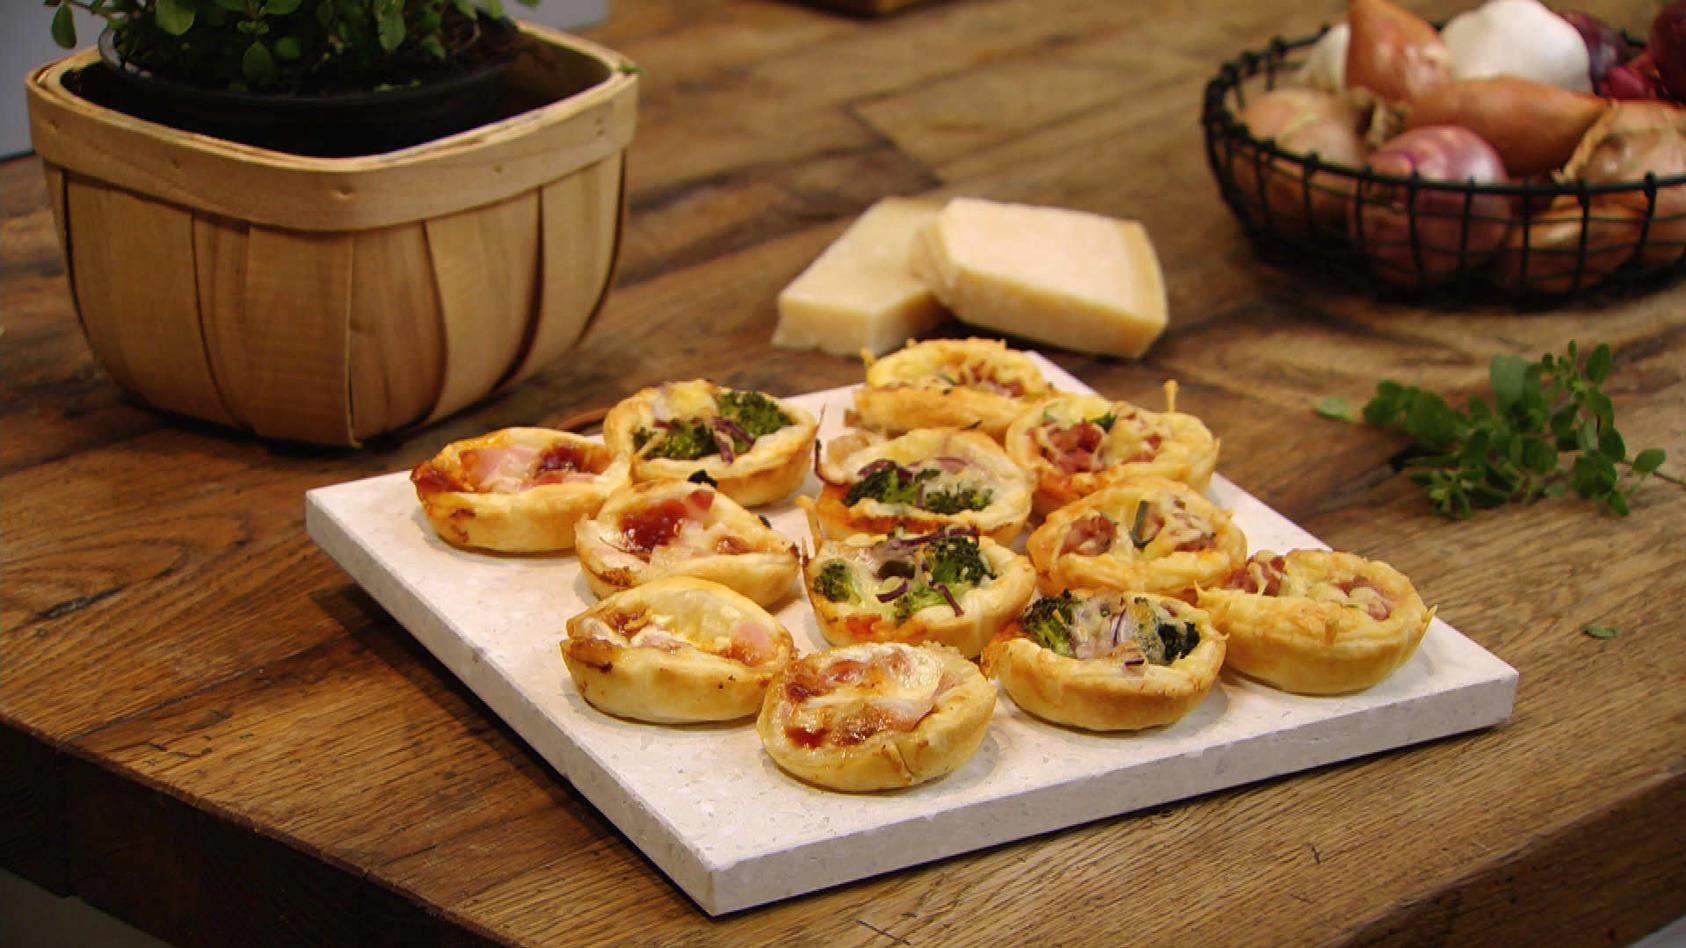 Pizza, Pasta, Panna Cotta – Das schmeckt nicht nur in Italien: Dreierlei Mini-Pizzen